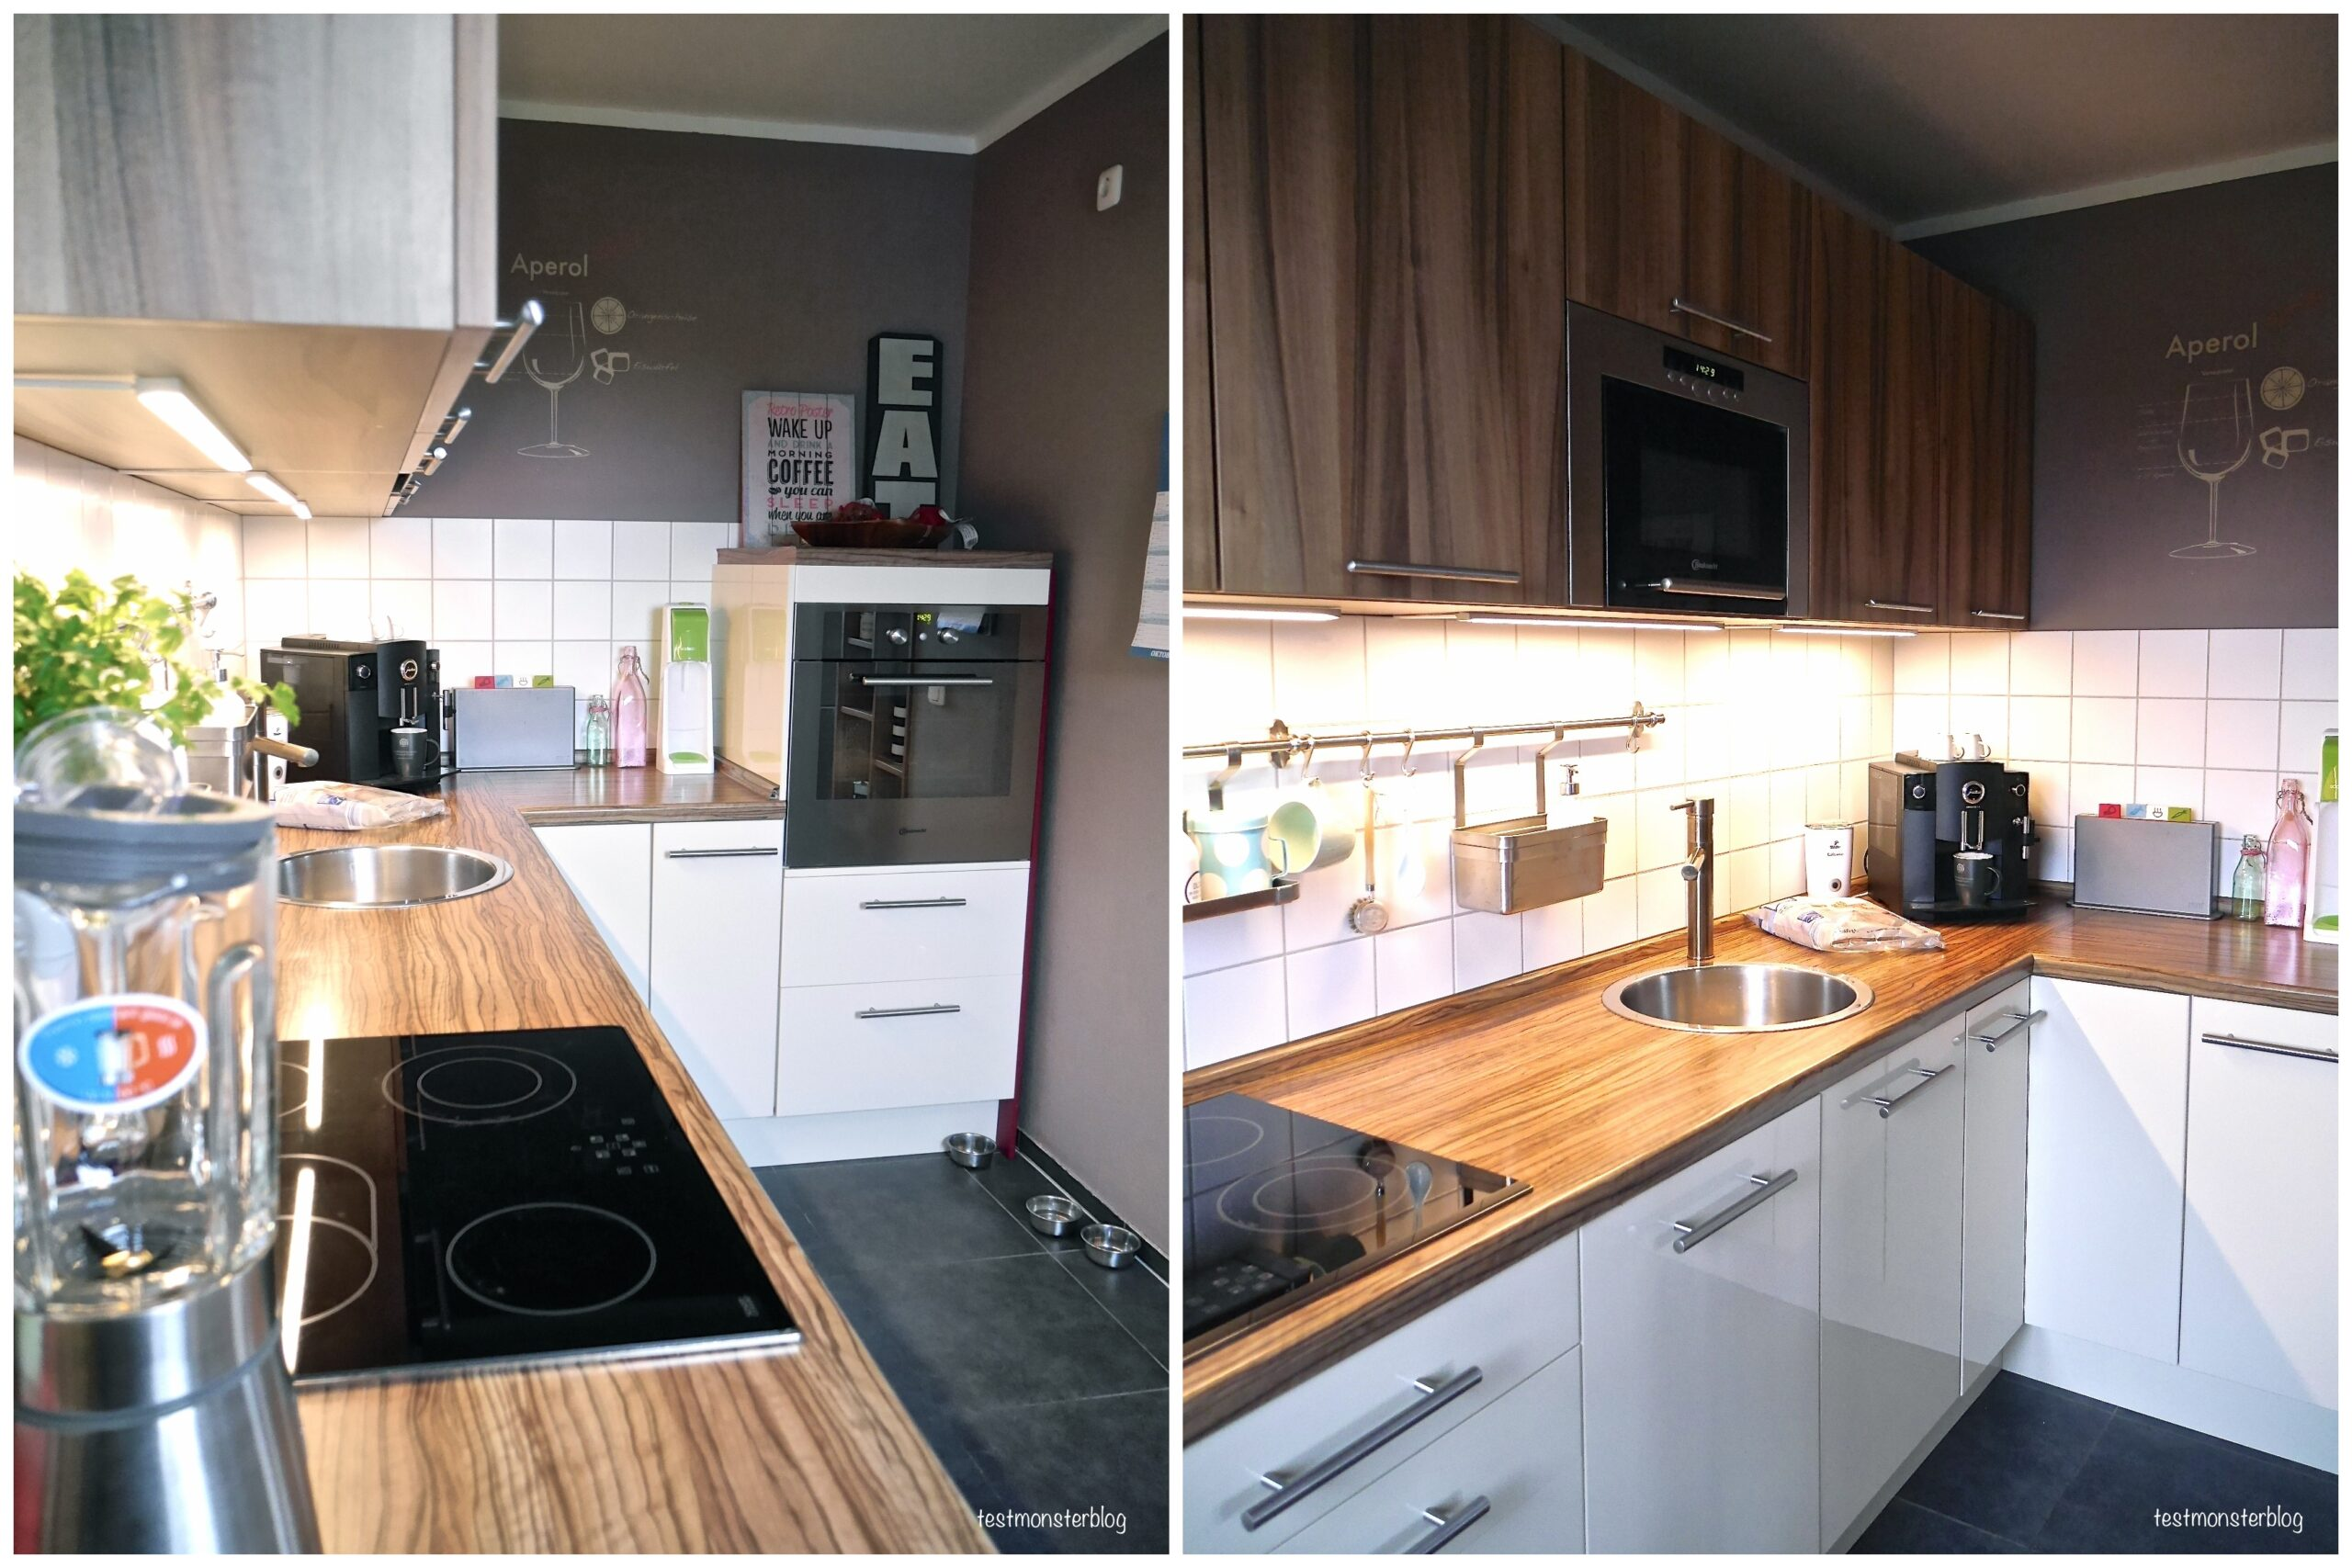 Full Size of Ikea Kche Metodplan Mich Bitte Selbst Küche Kaufen Kosten Modulküche Sofa Mit Schlaffunktion Betten Bei Miniküche Inselküche Abverkauf 160x200 Wohnzimmer Inselküche Ikea